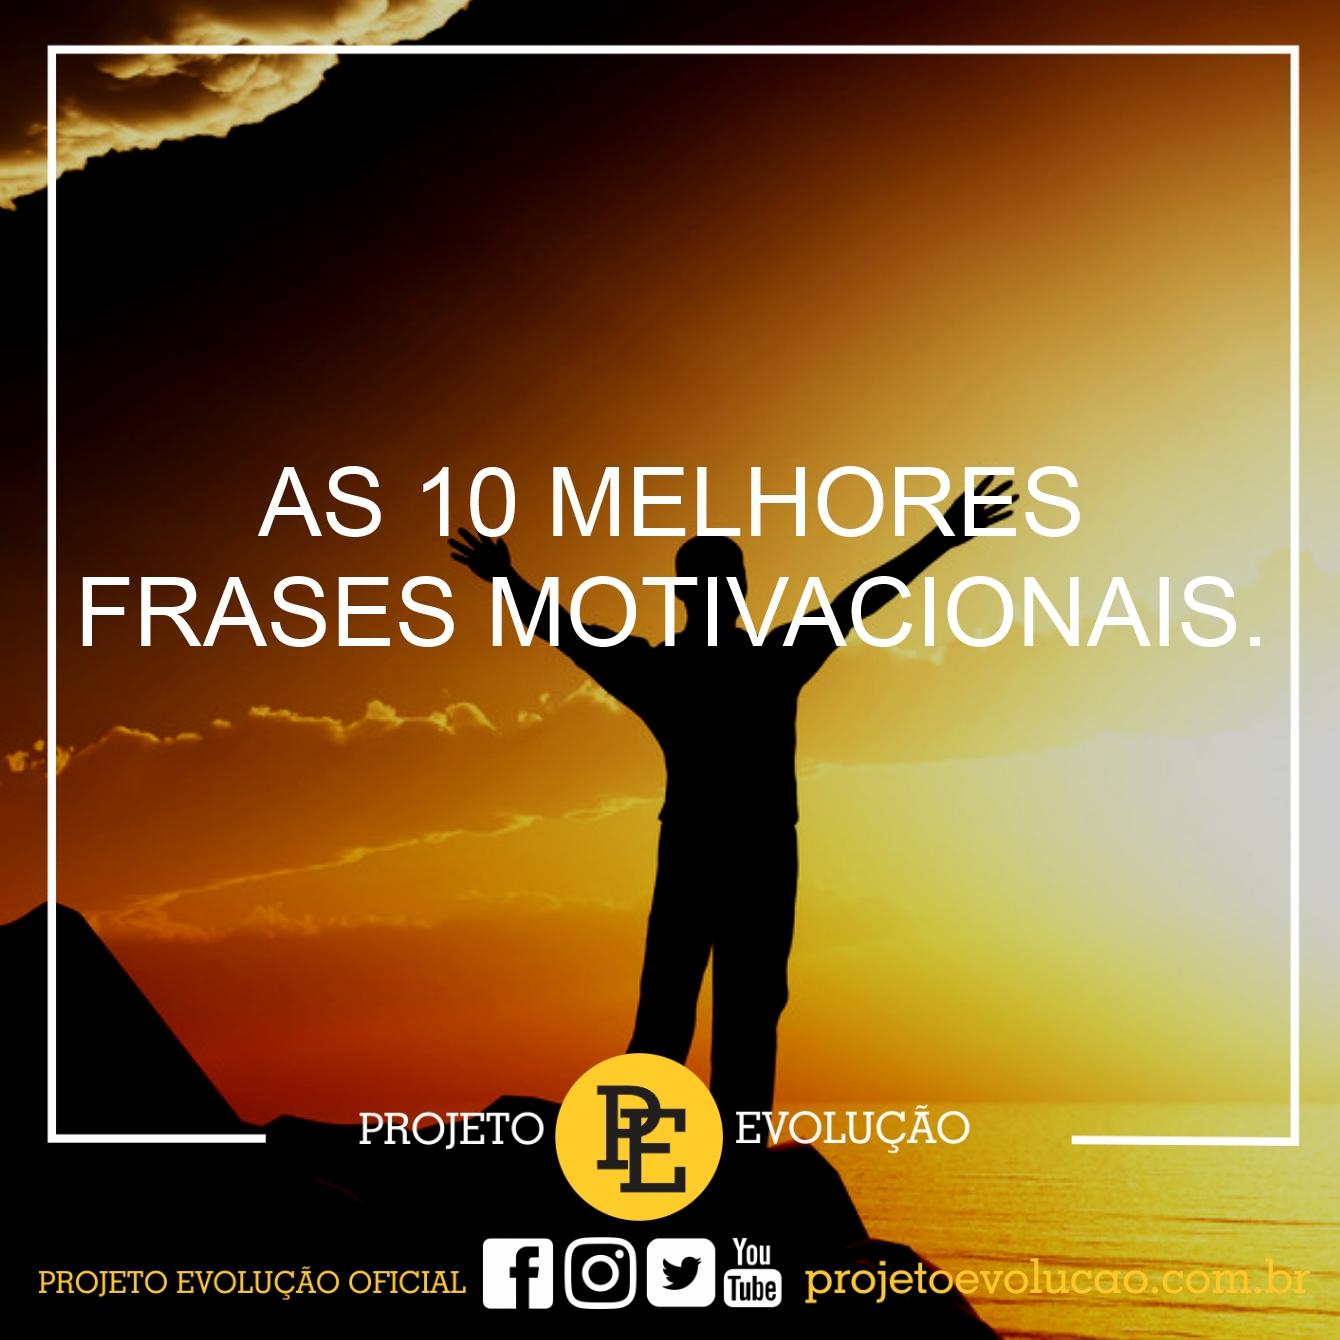 As 10 Melhores Frases Motivacionais Projeto Evolução Por Rui